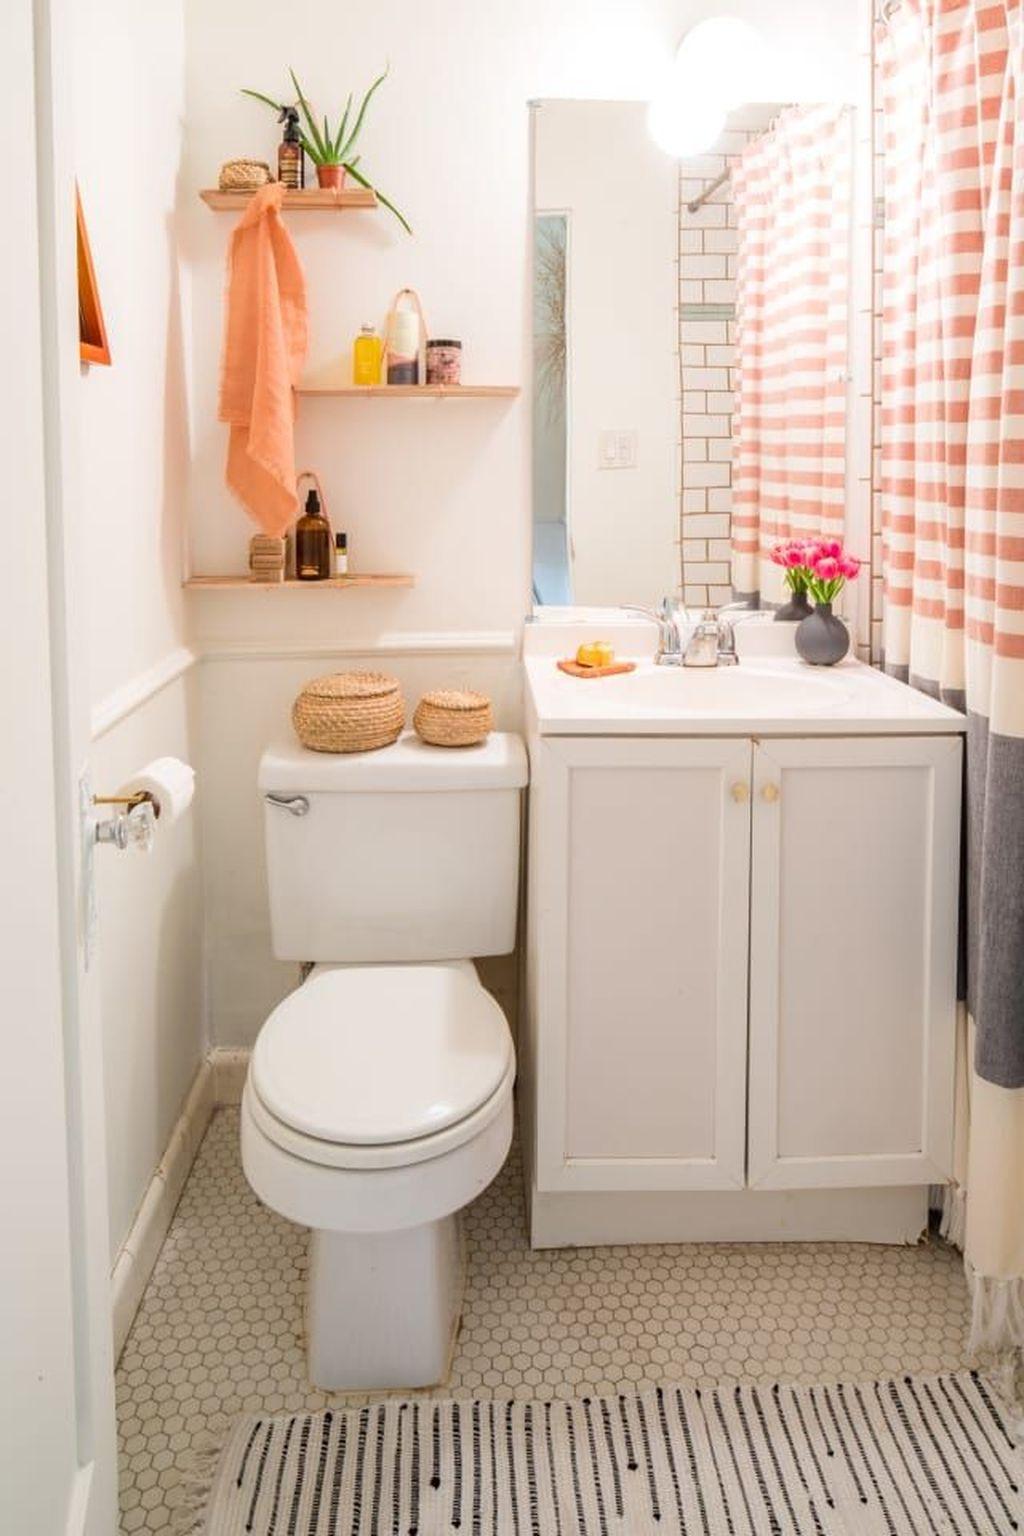 30 Fascinating Simple Apartment Bathroom Decor Ideas ... on Apartment Bathroom Ideas  id=89002